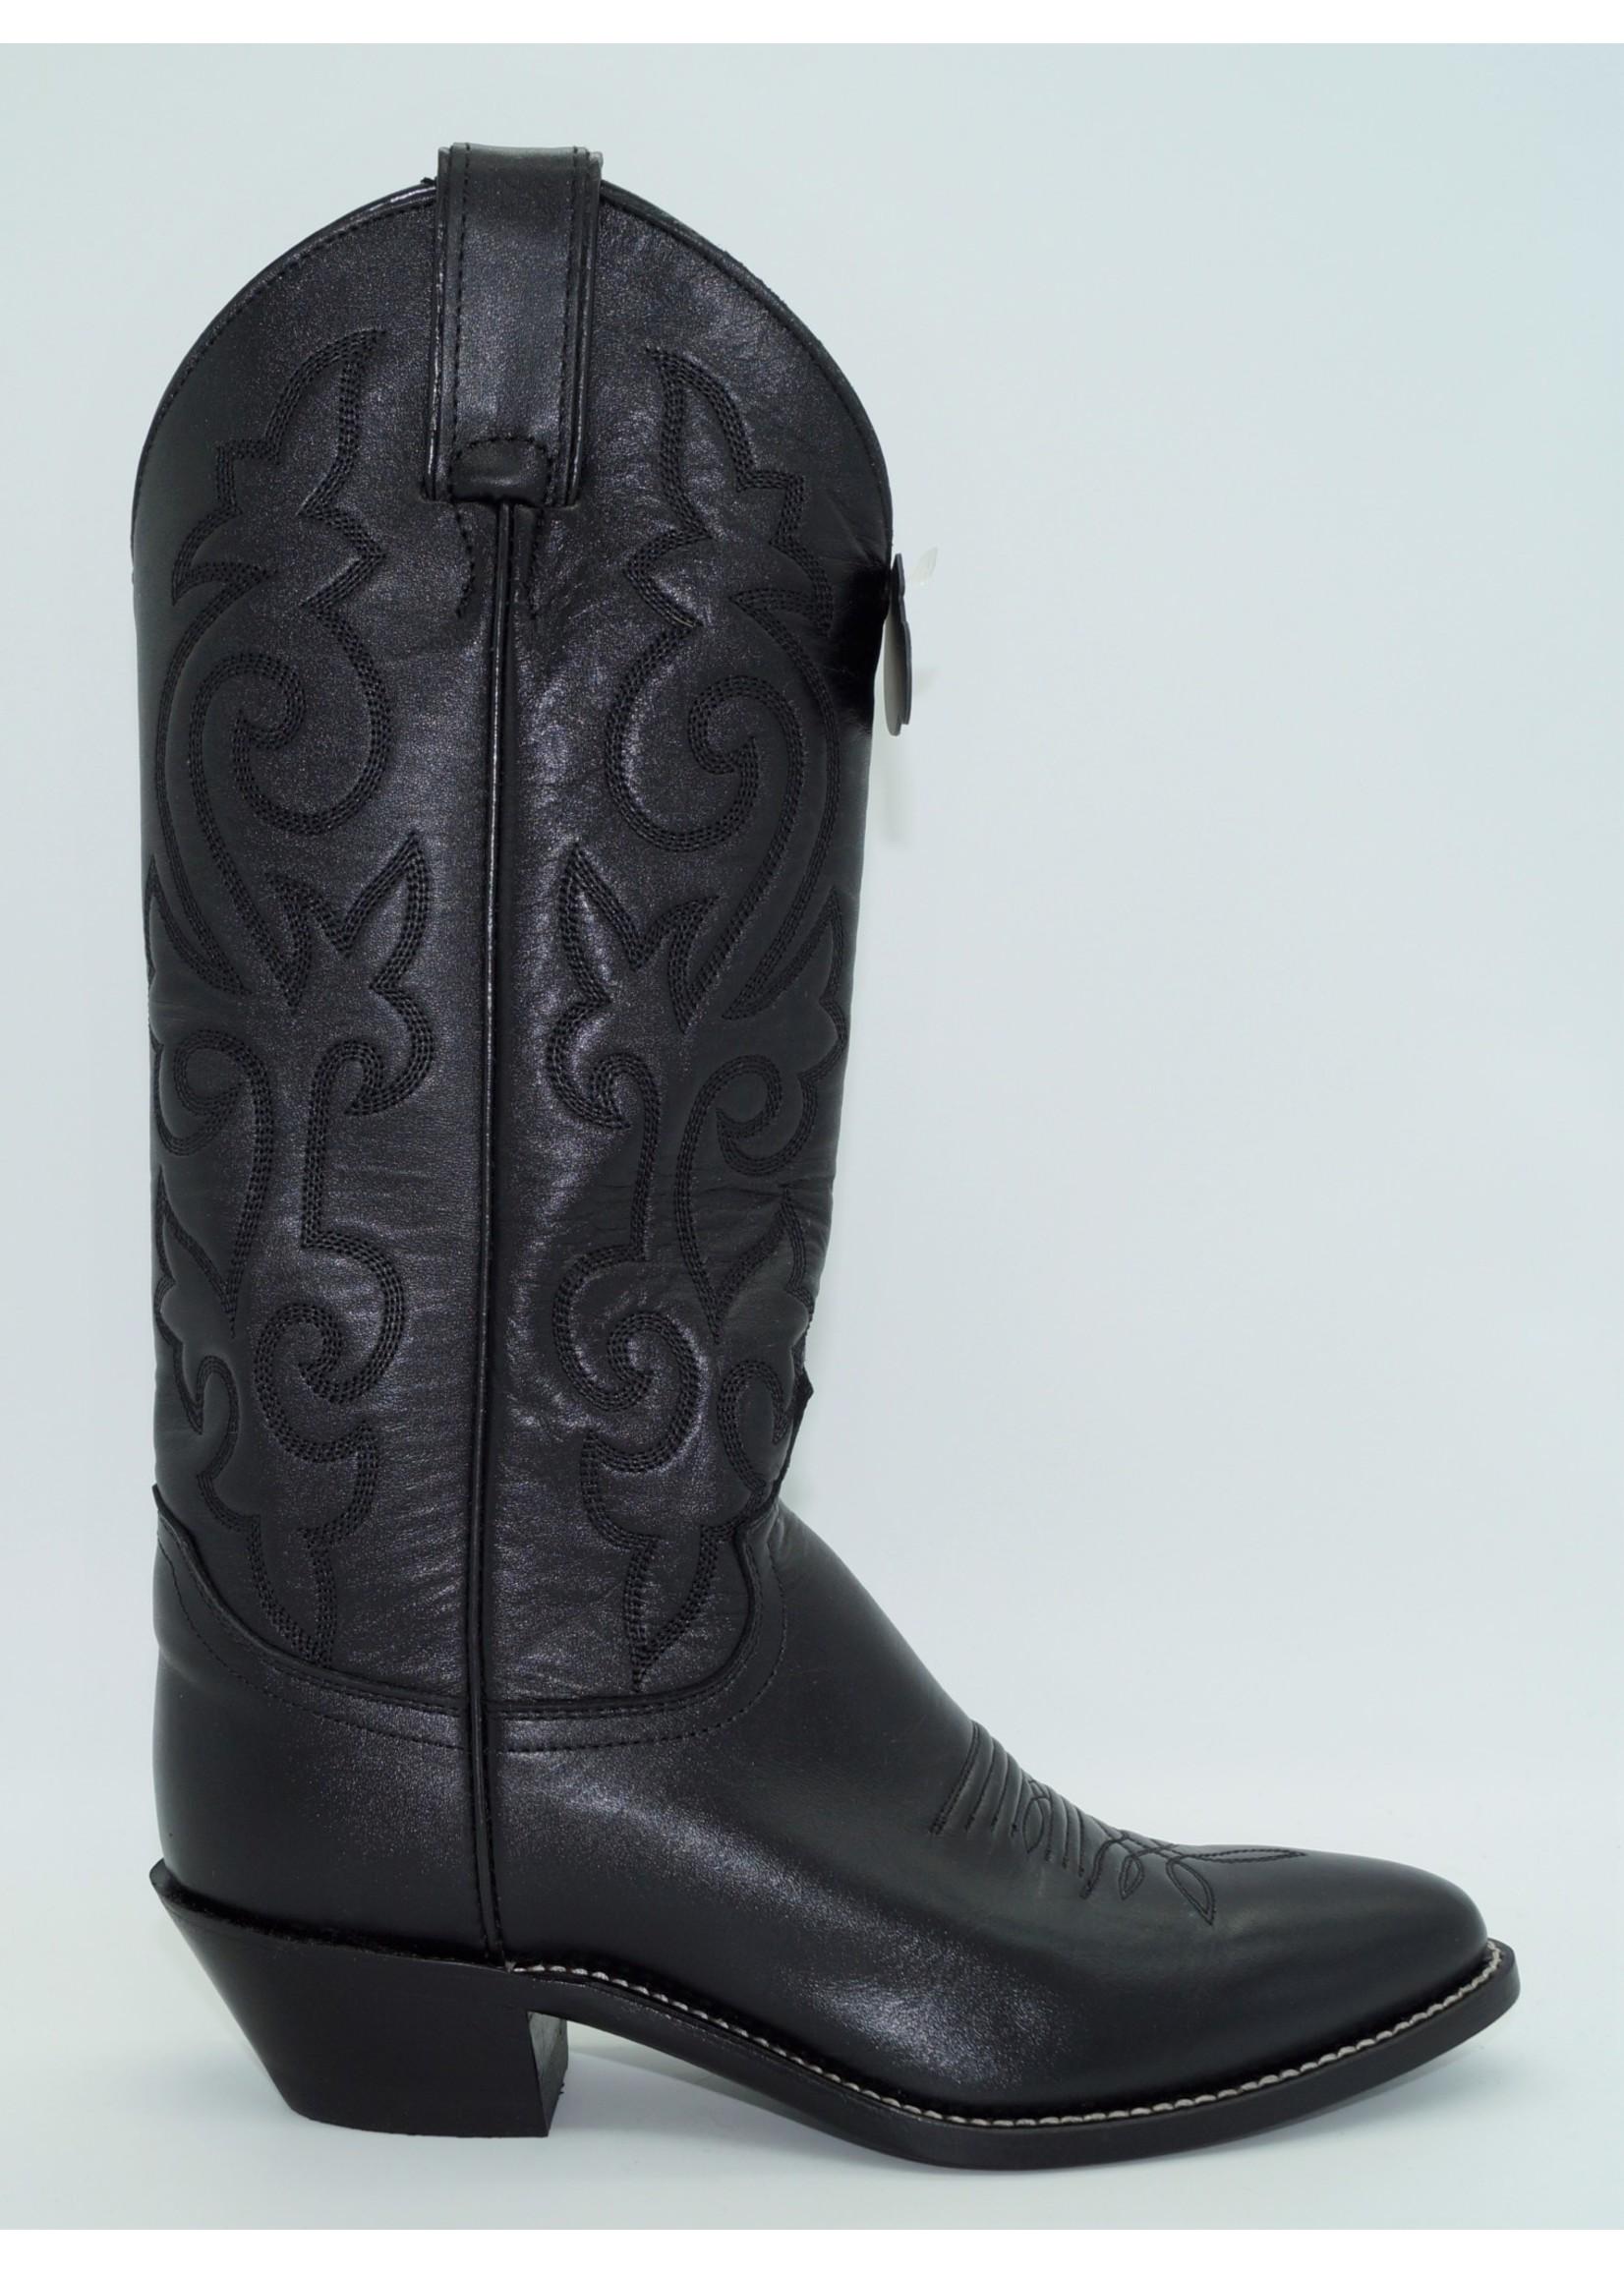 Justin Womens Black Western Boot L4911